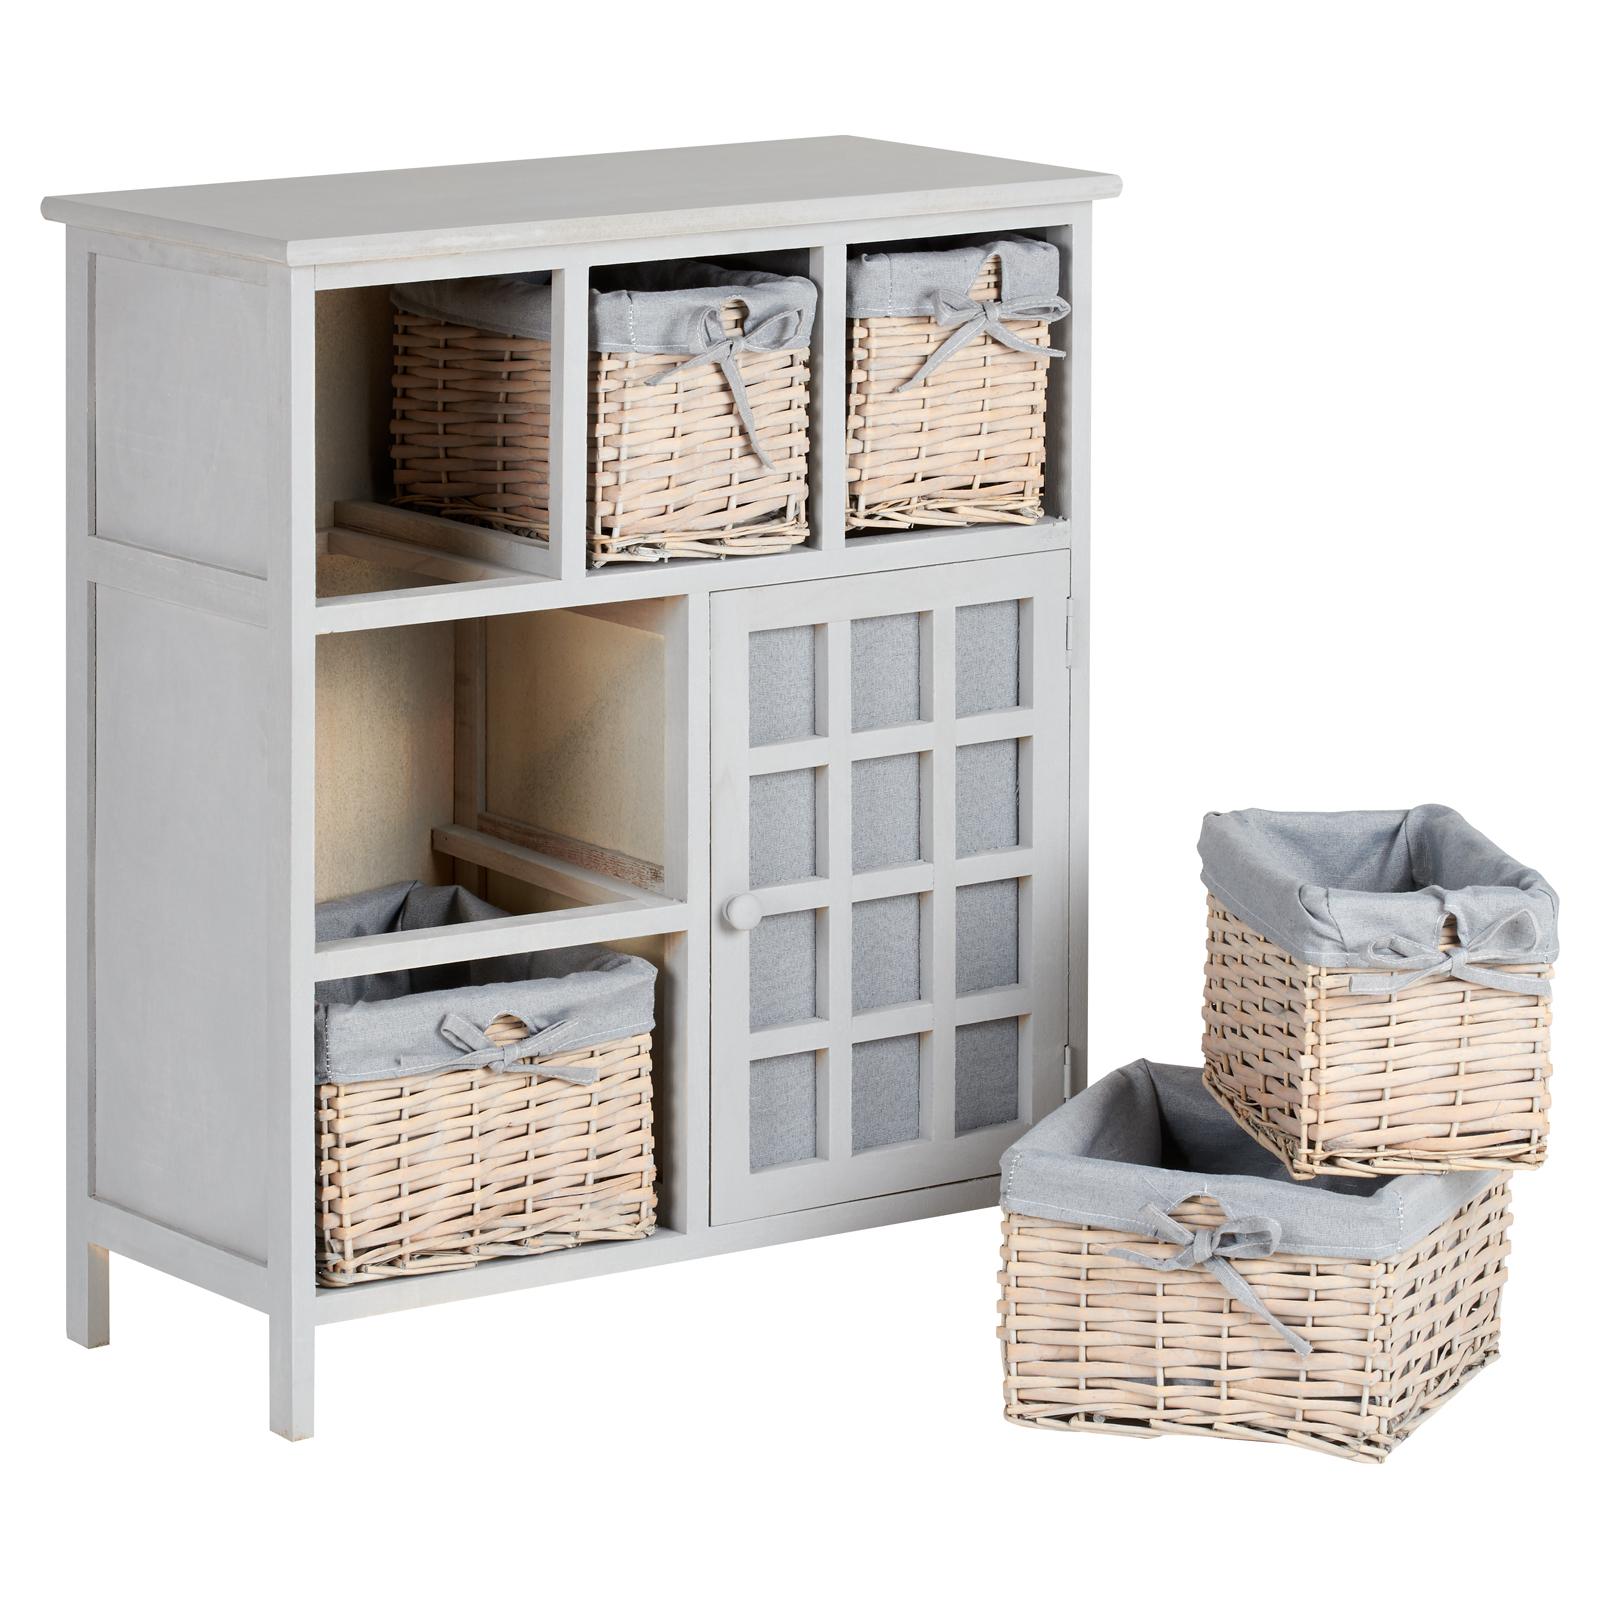 hartleys grey 5 drawer wicker basket storage unit shabby chic dresser sideboard 5051990998582 ebay. Black Bedroom Furniture Sets. Home Design Ideas